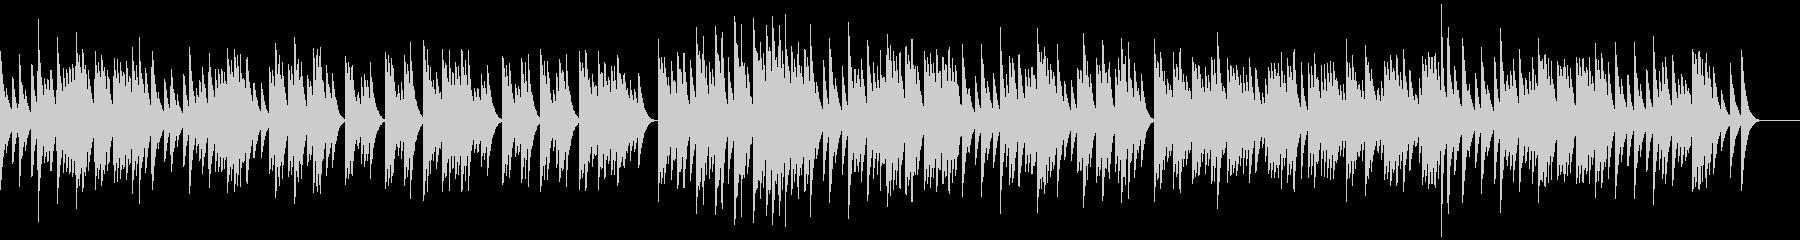 三拍子のオルゴールの未再生の波形